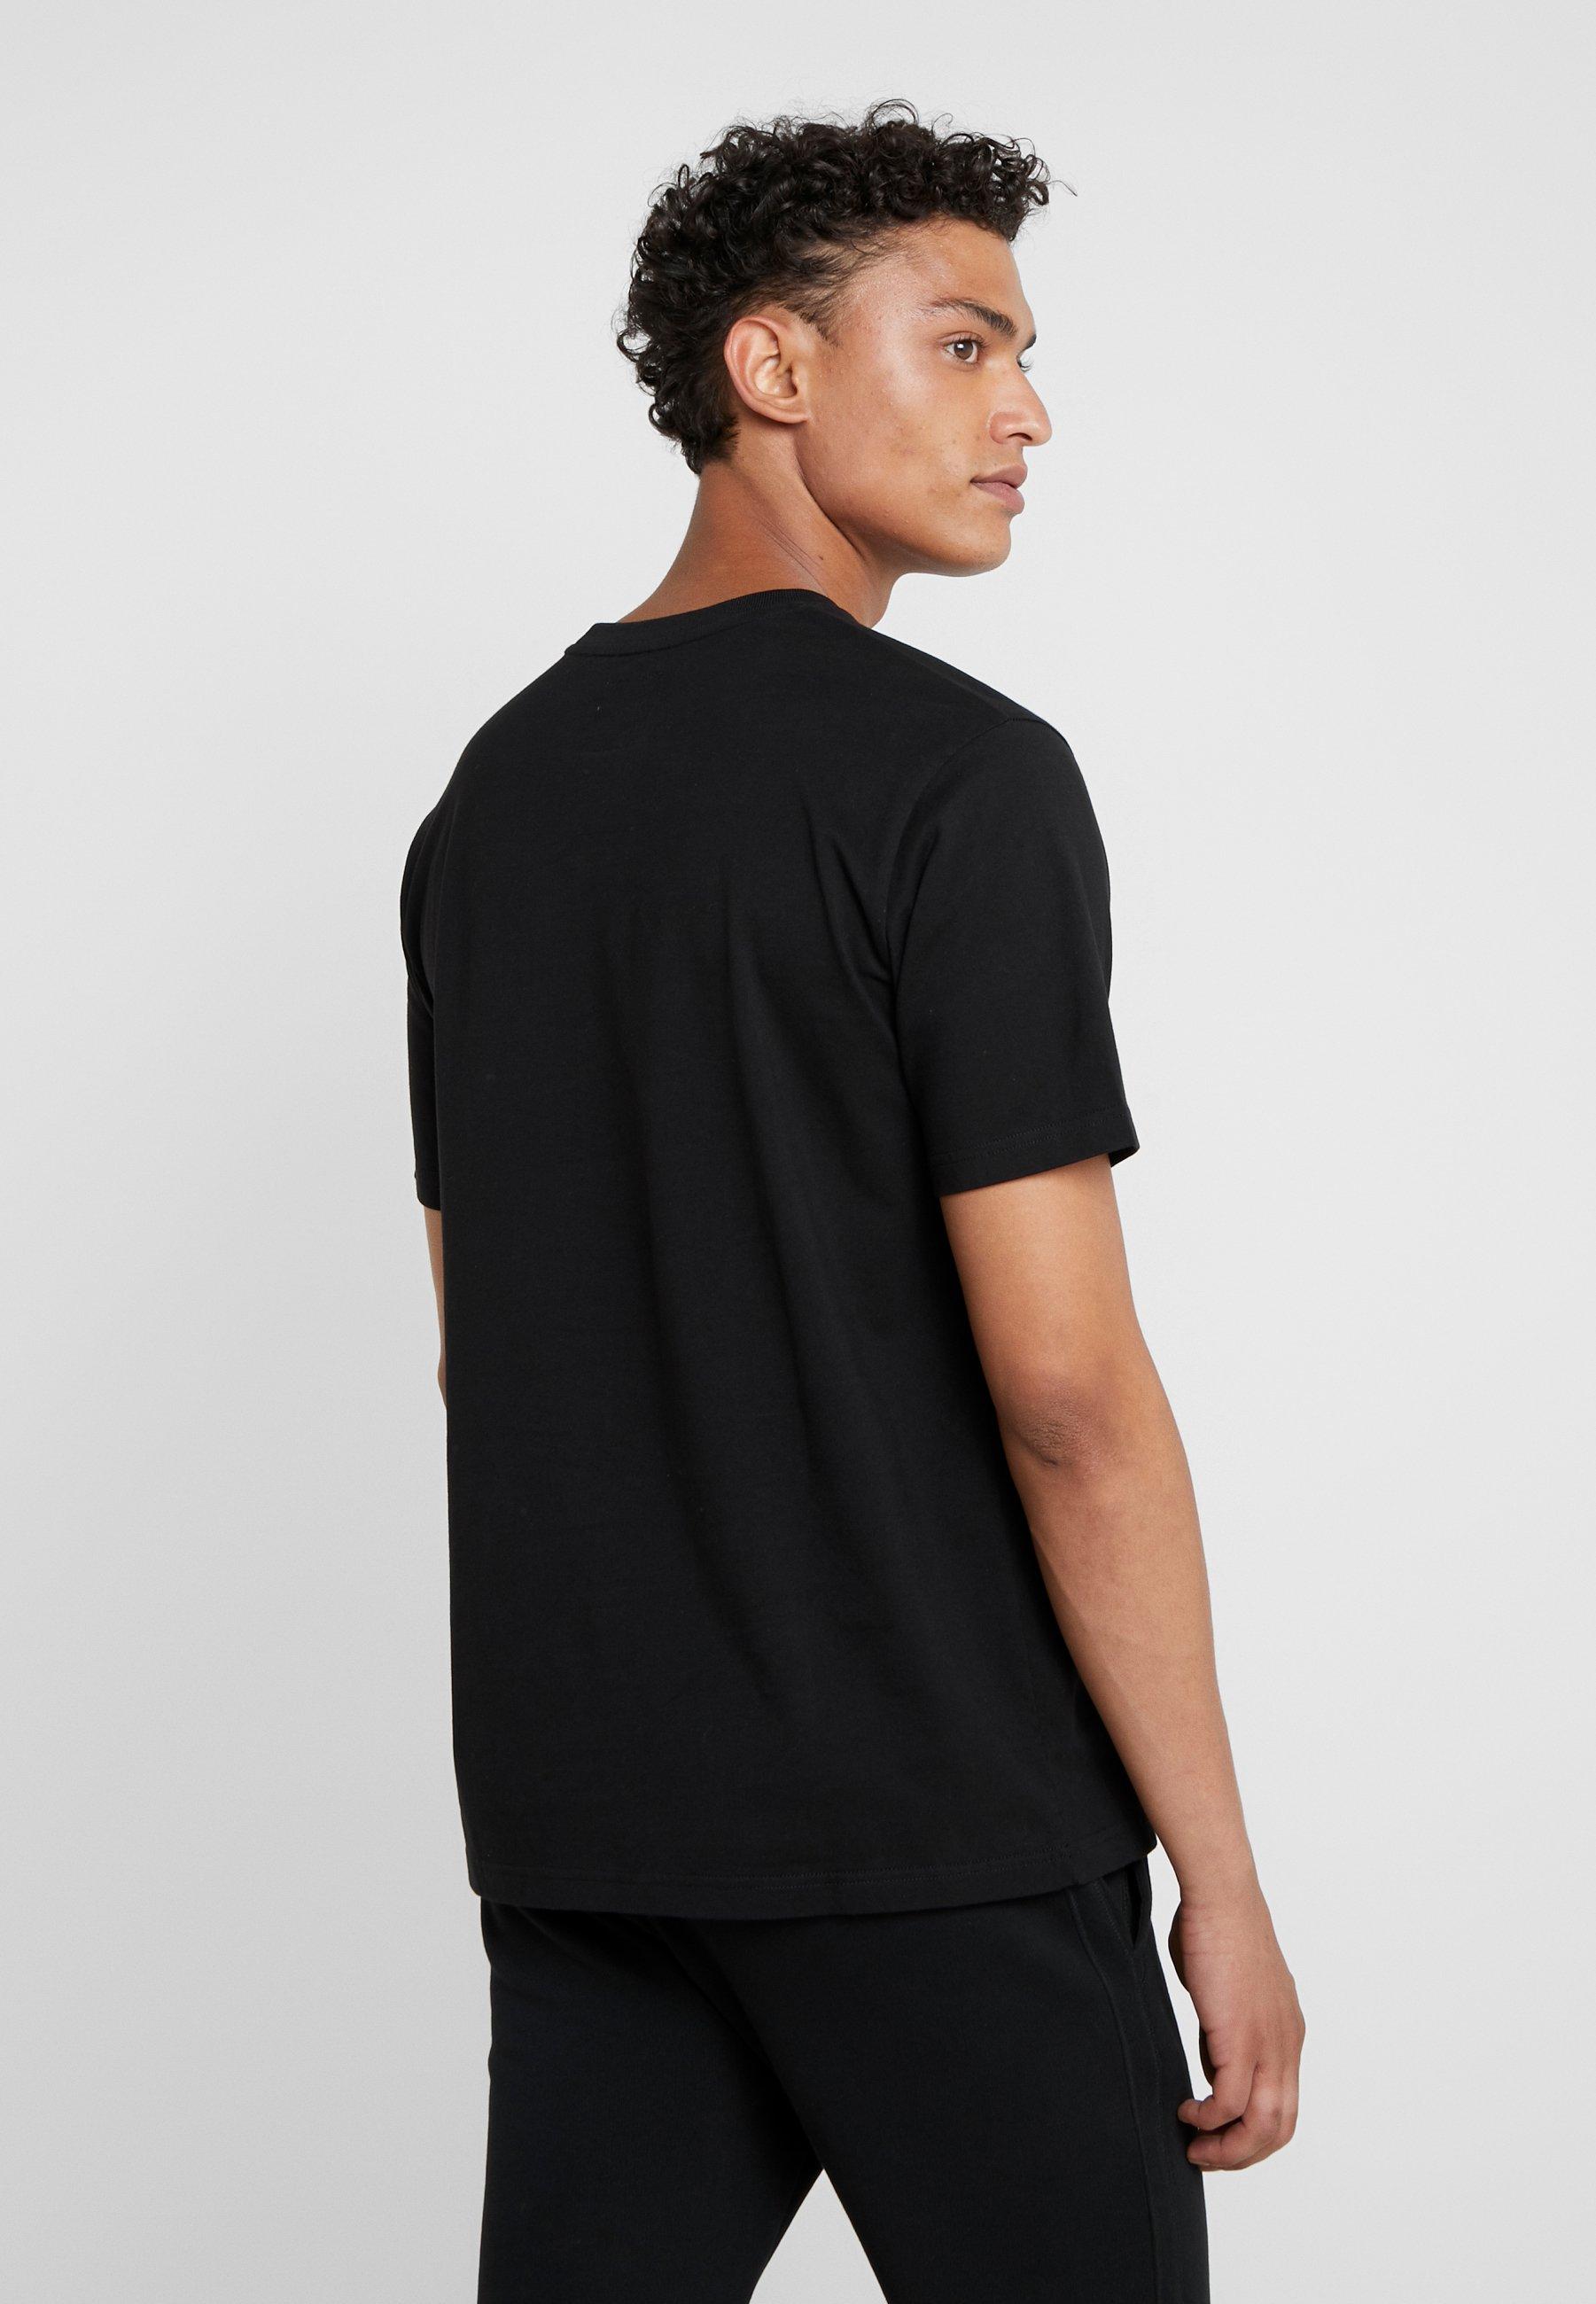 SpaceshipT shirt Imprimé Bricktown Small Black kiXZOPuT